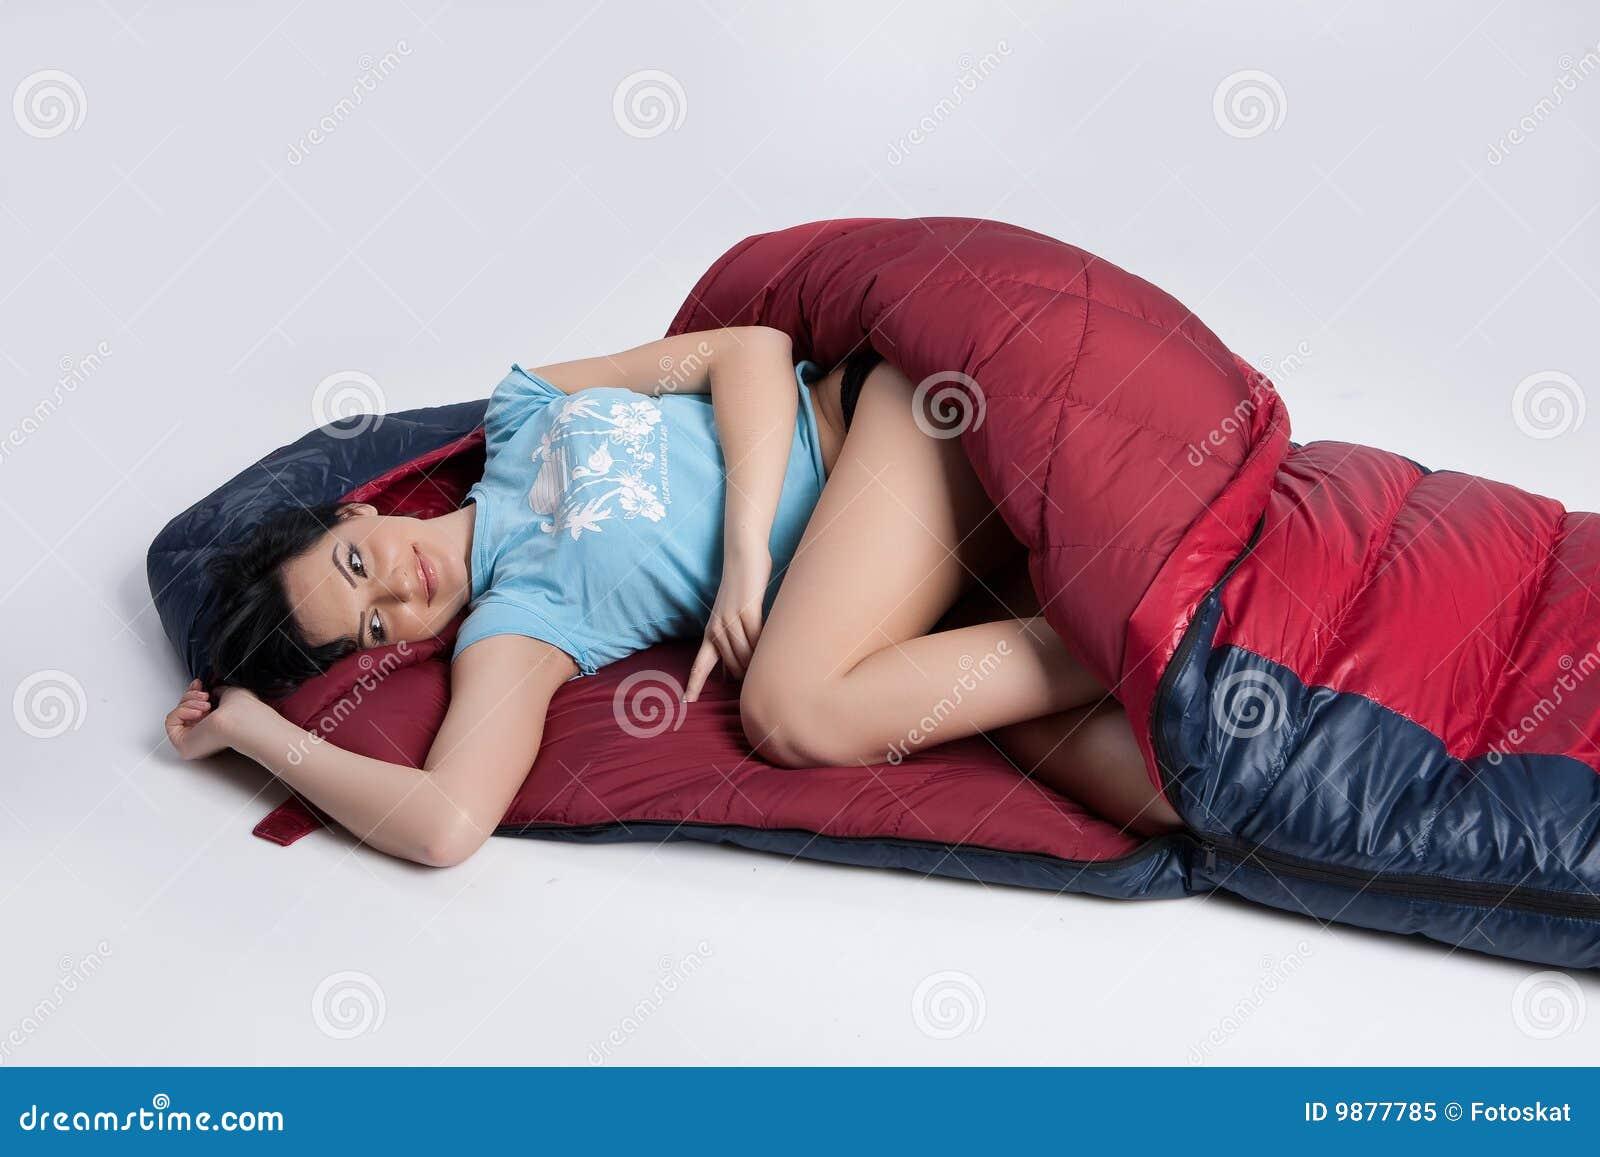 naked-sleeping-bag-sex-fetish-sex-video-free